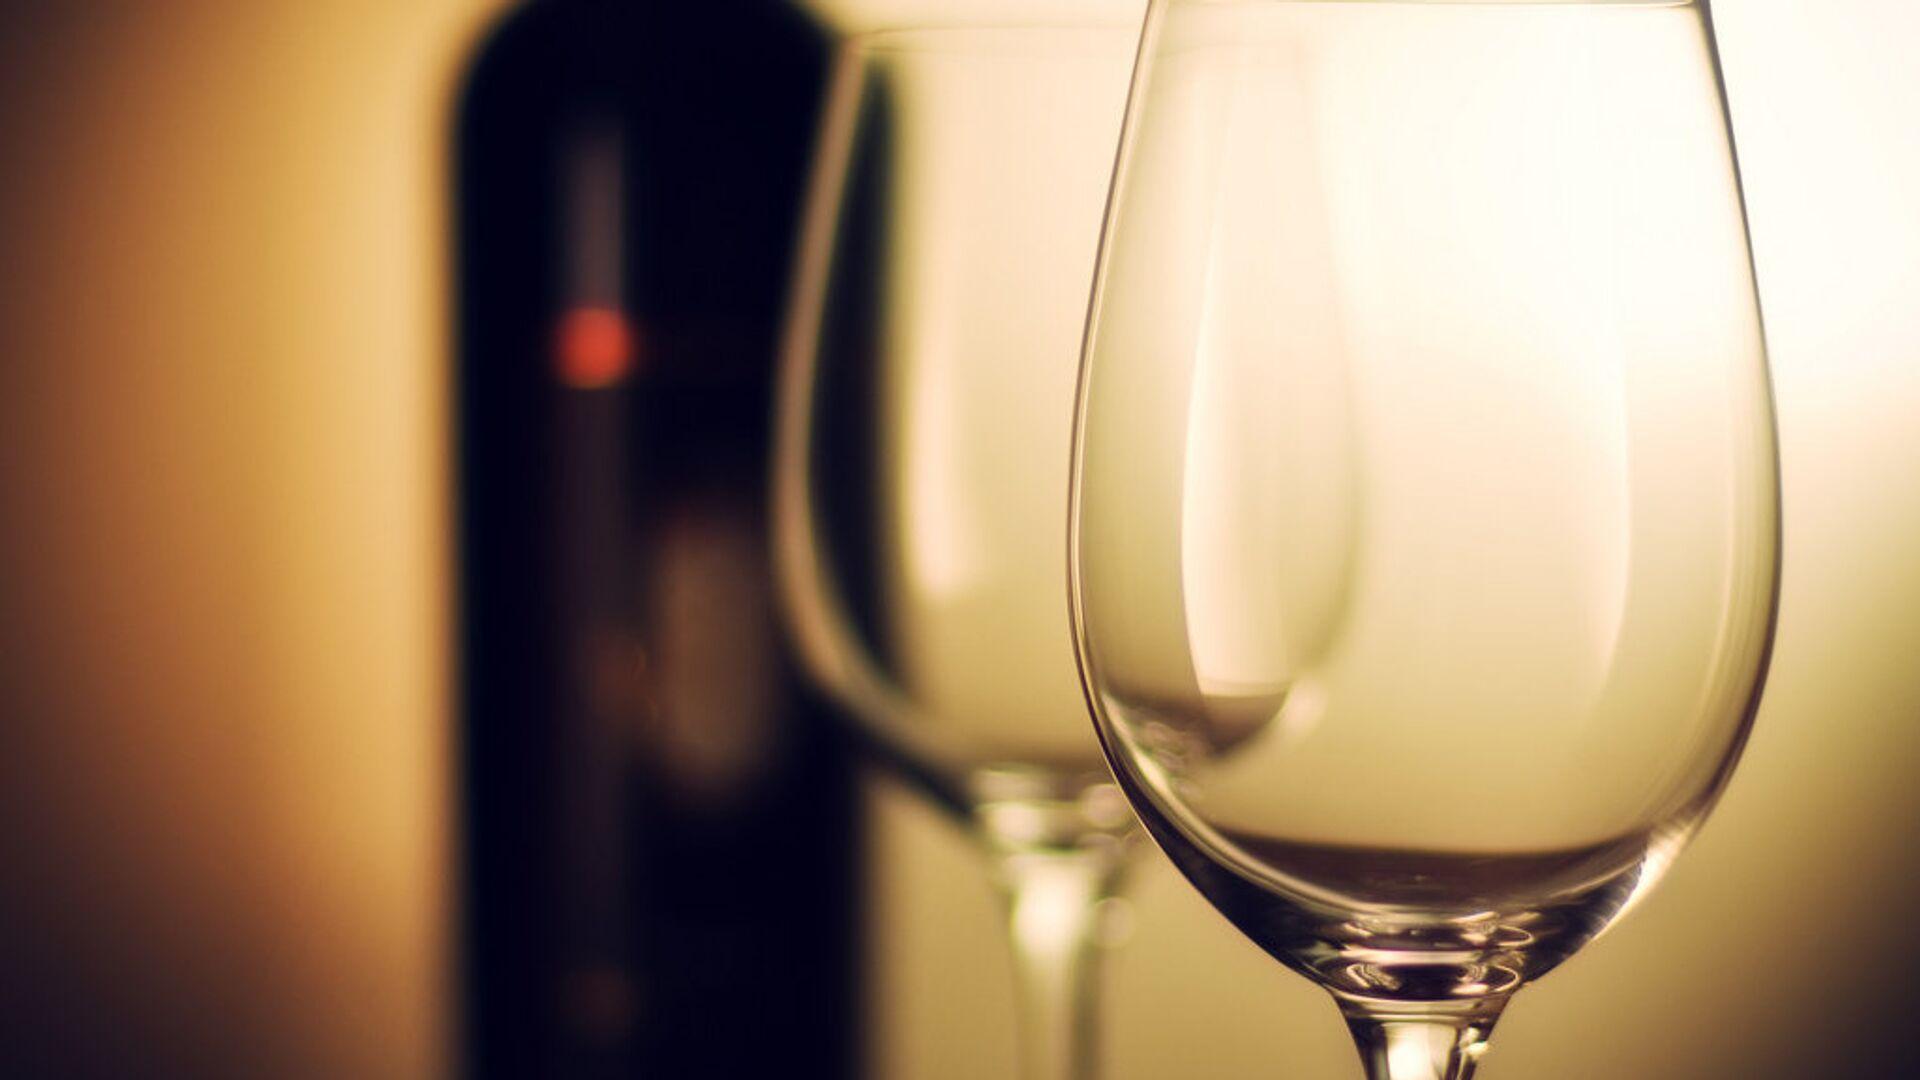 Una bottiglia di vino - Sputnik Italia, 1920, 07.06.2021